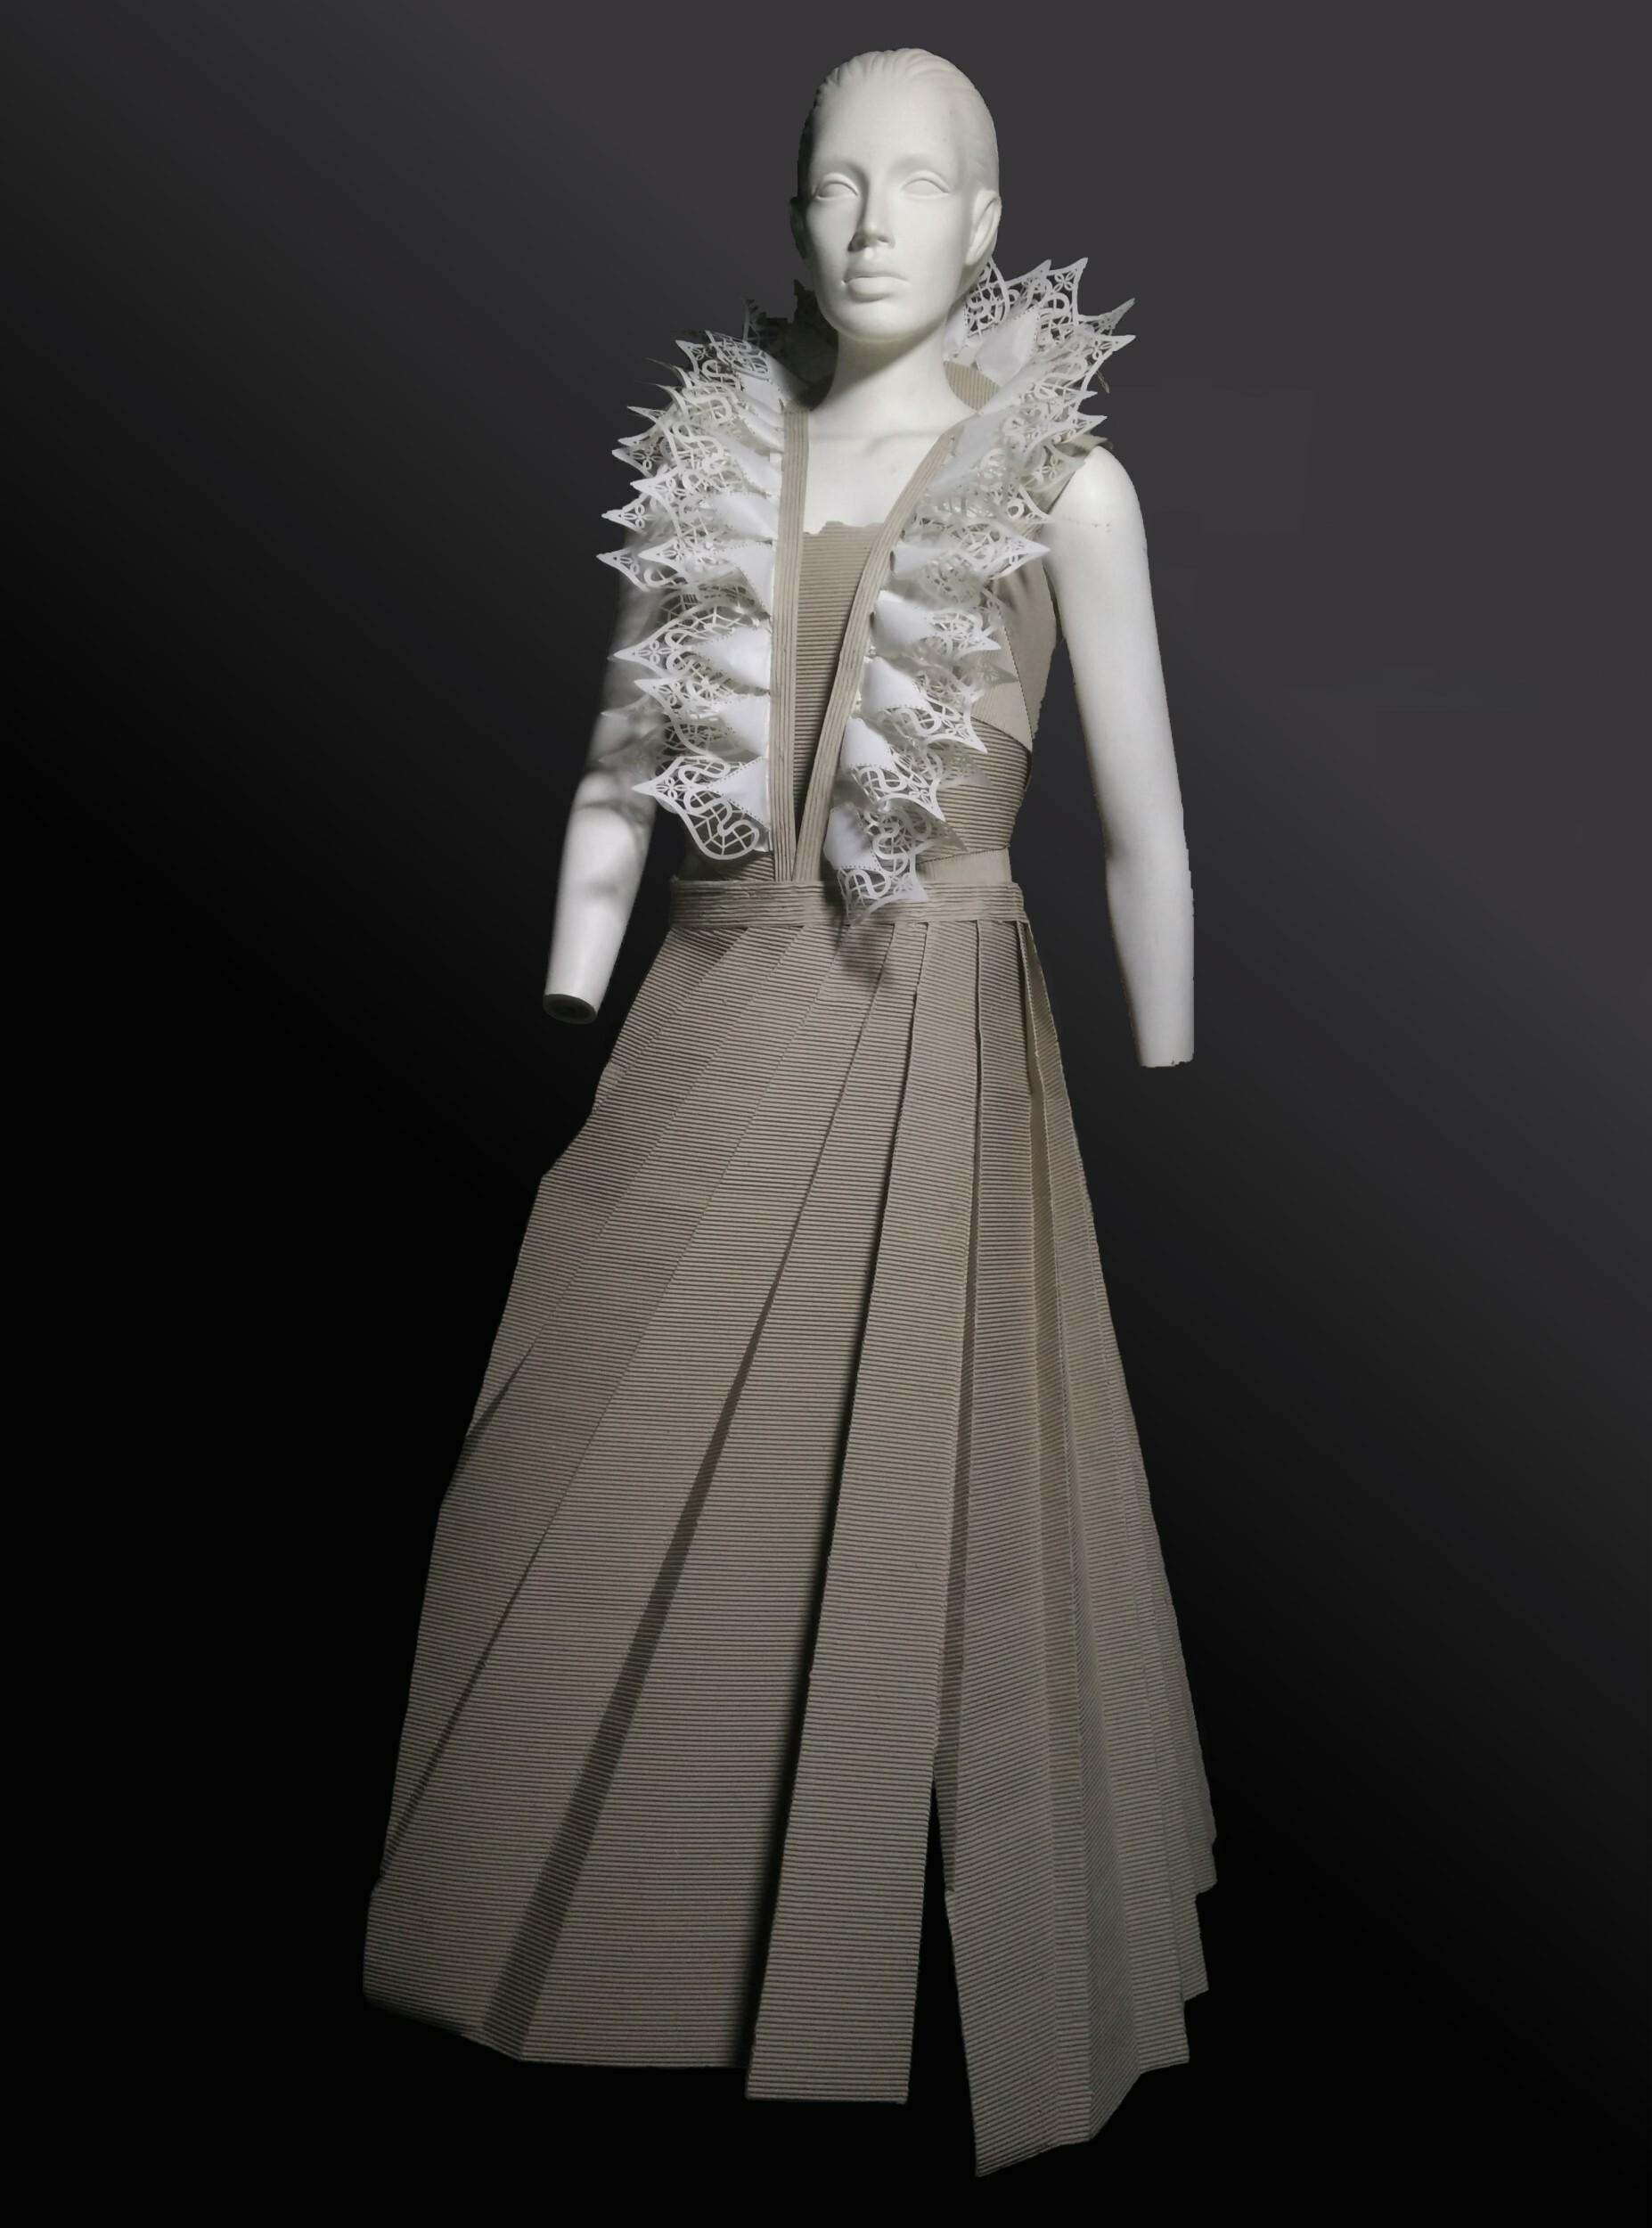 Grimhildequeen dress